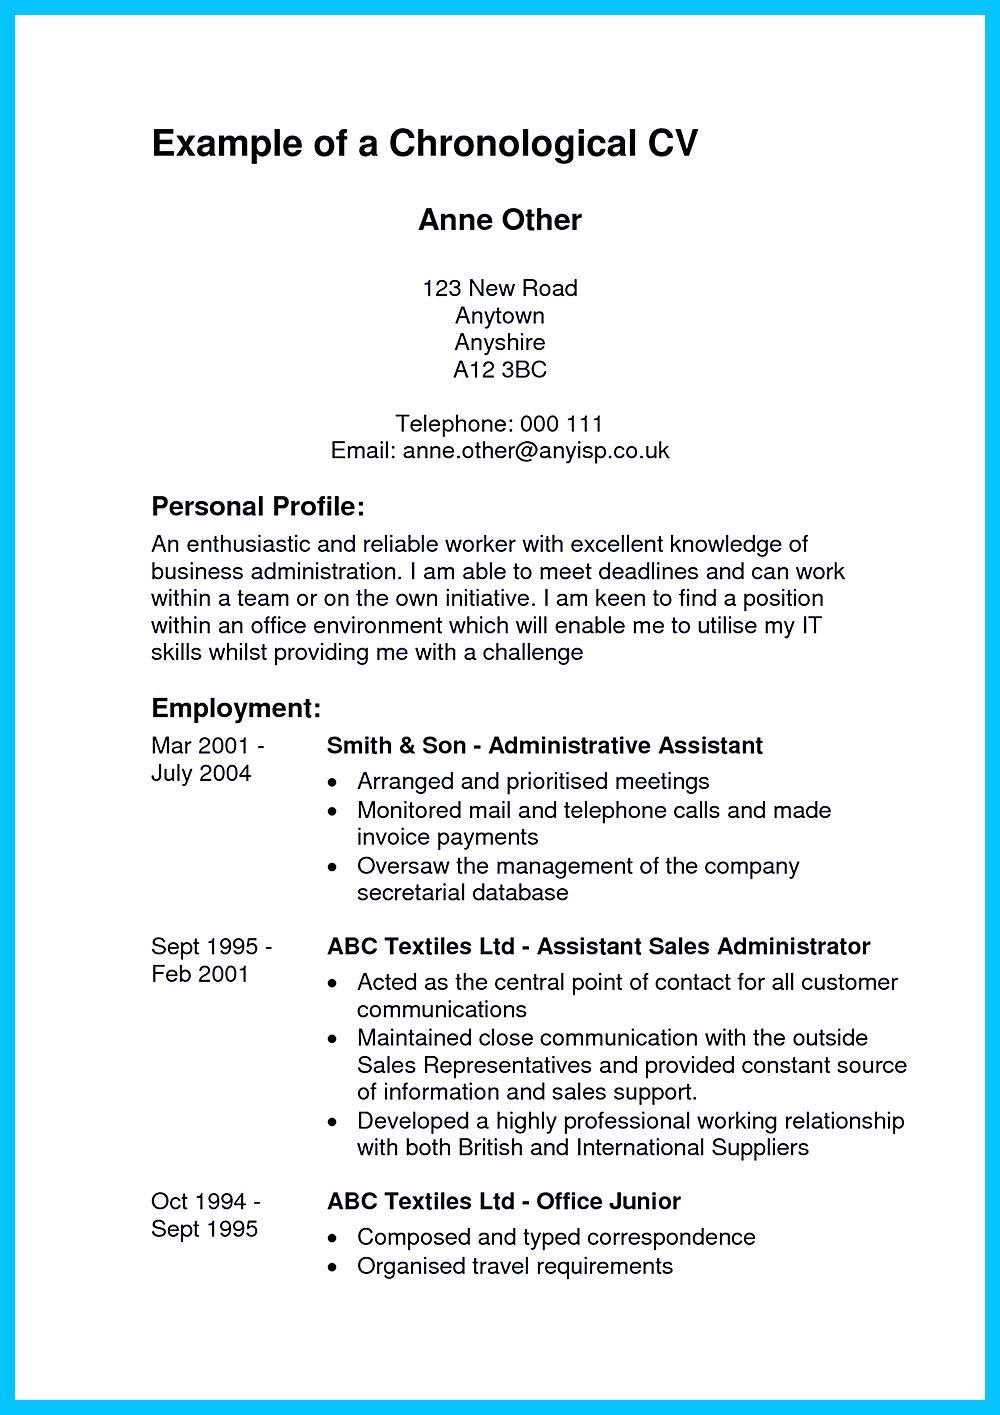 Administrative Assistant Resume Keywords  vvengelbertnl